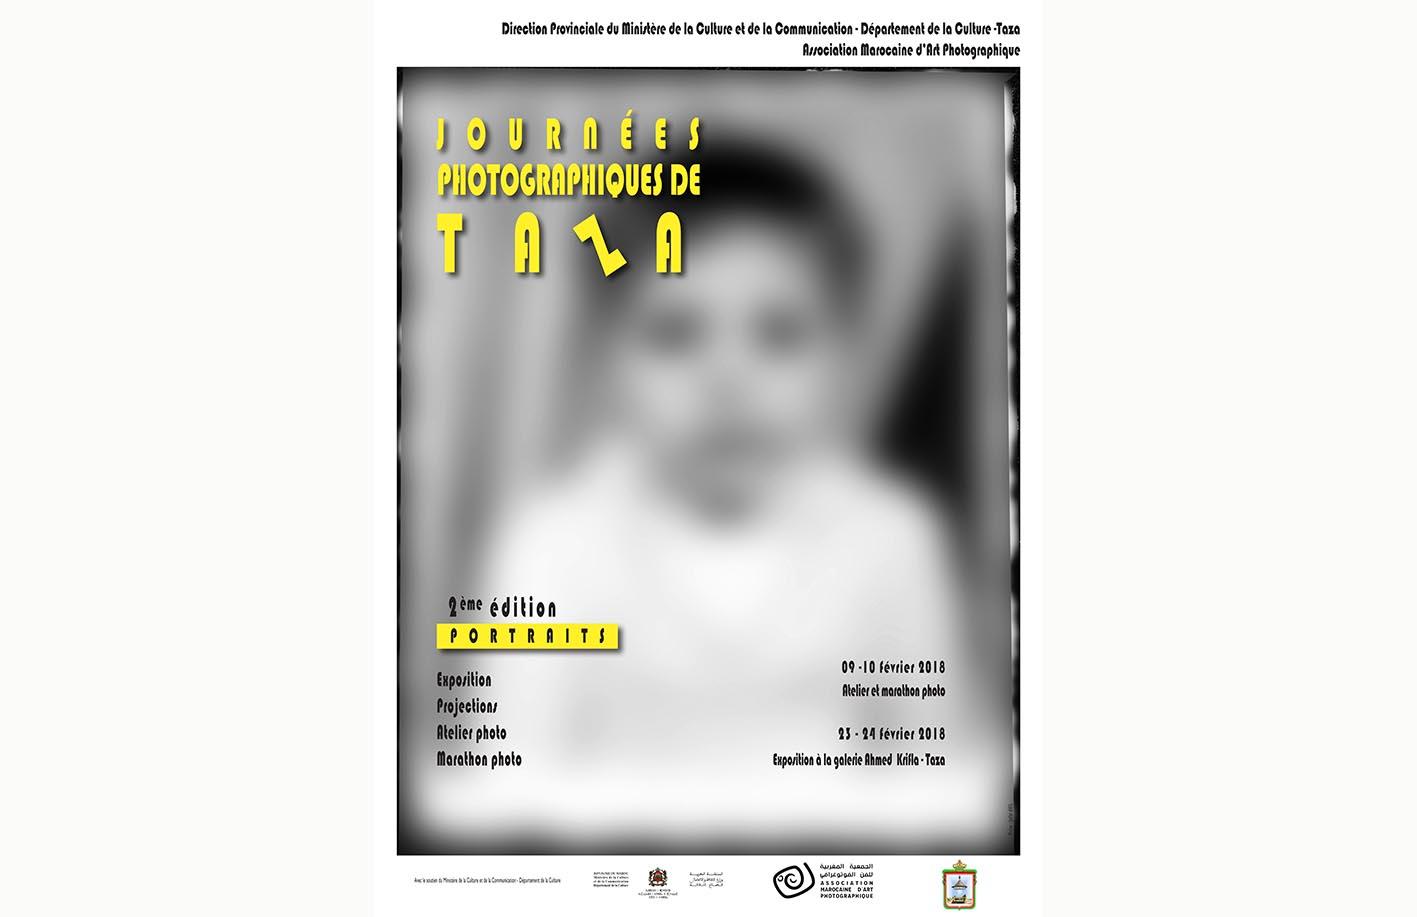 Affiche de la deuxième édition des Journées Photographiques de Taza